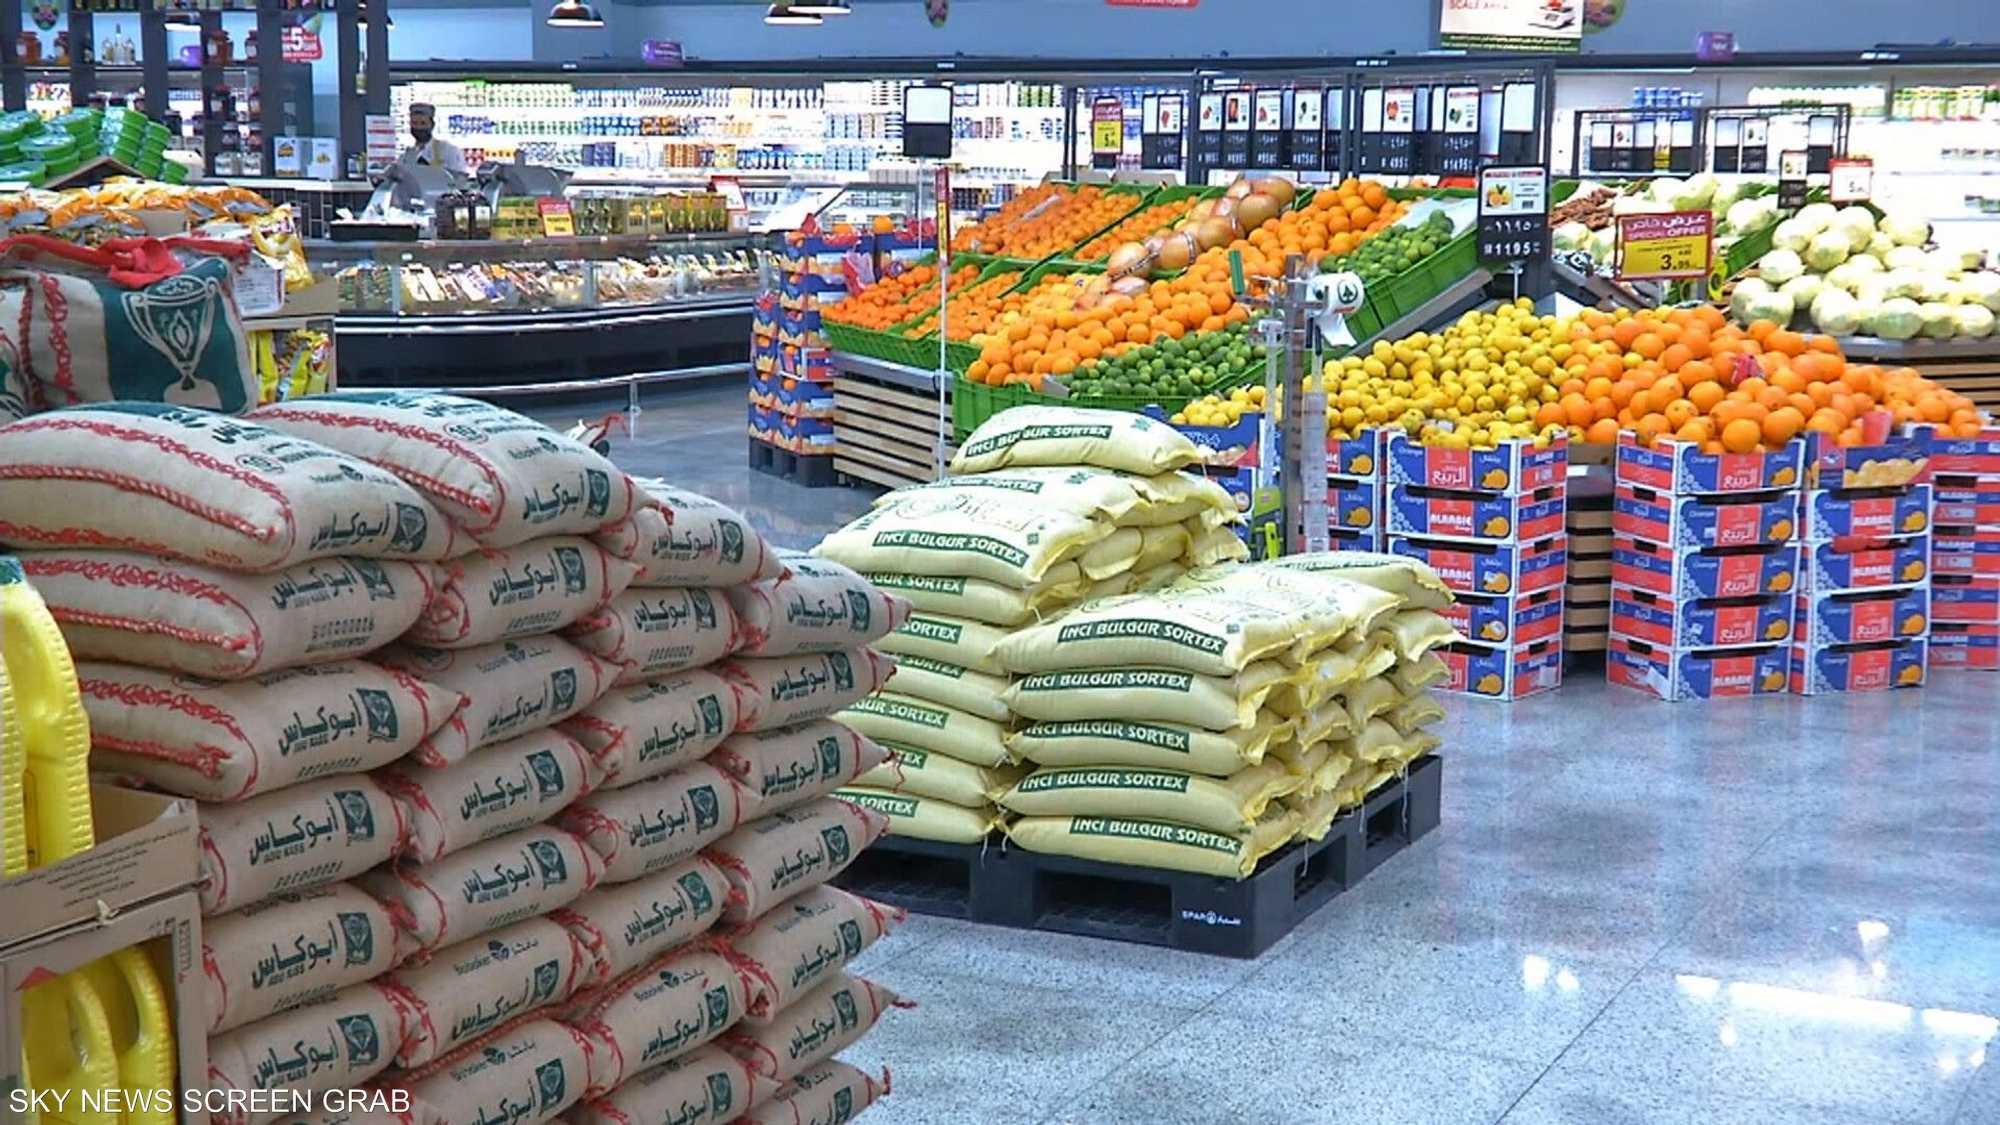 السعودية تؤكد وفرة المنتجات الغذائية والصحية